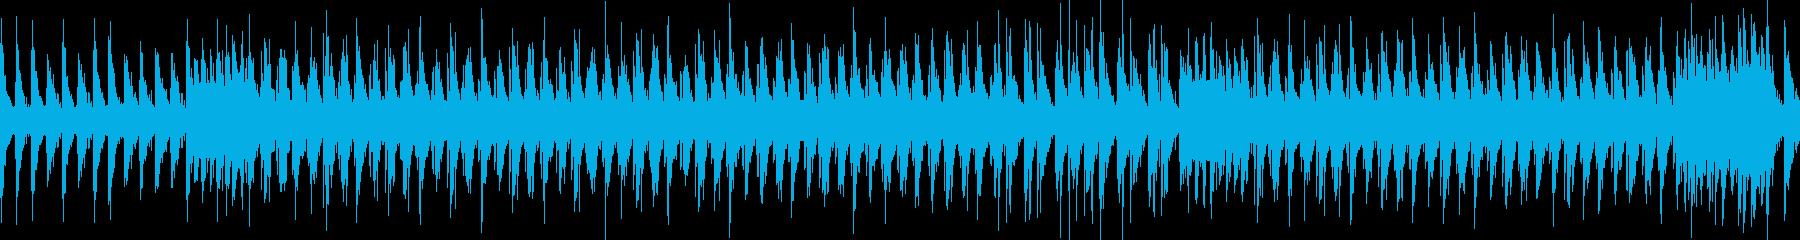 楽しげなリズムの和太鼓 祭り風の再生済みの波形